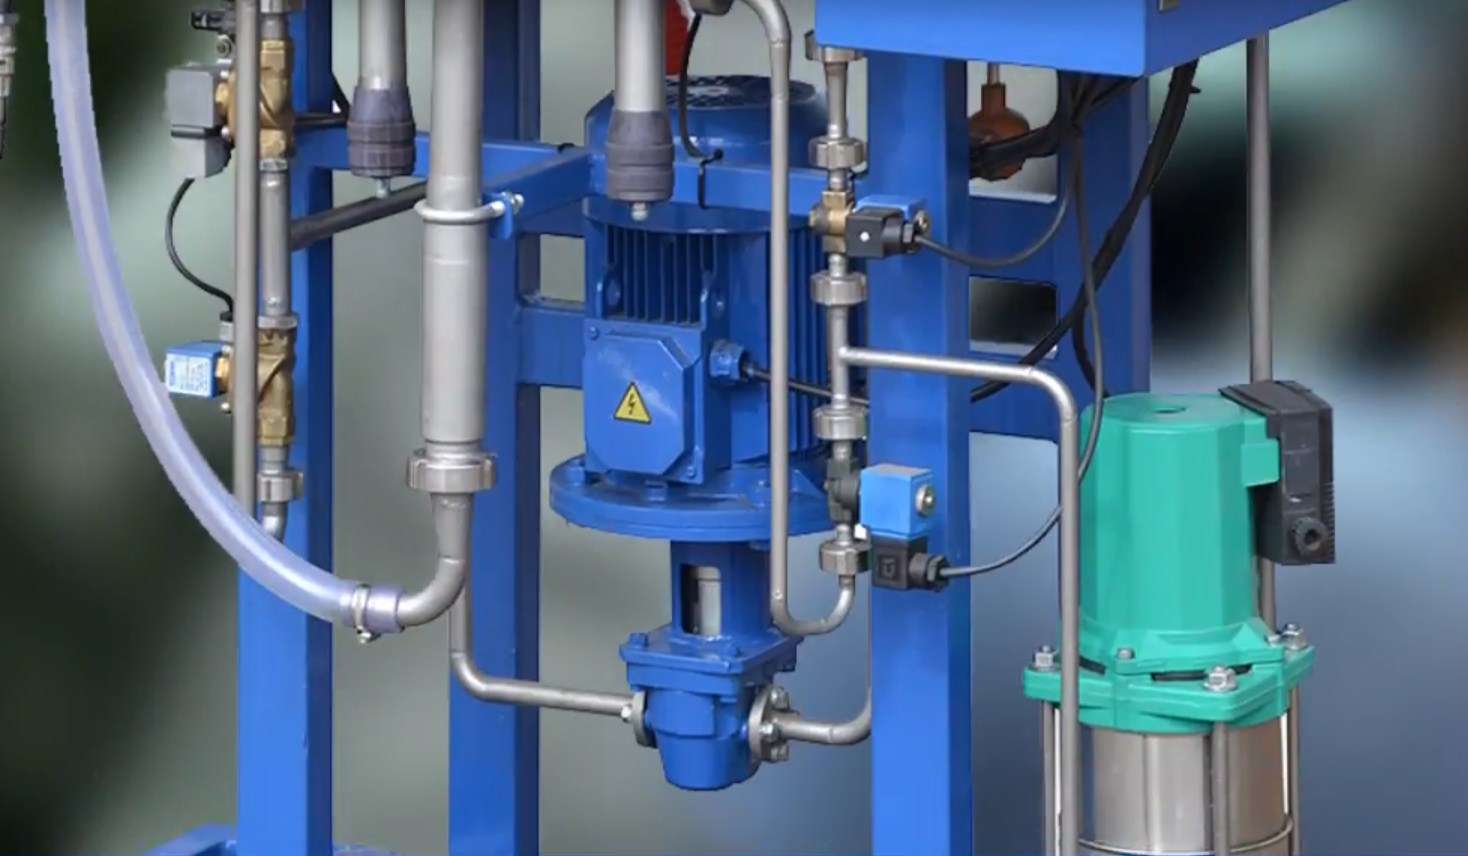 Producción de biodiesel con reactores de biodiesel GlobeCore